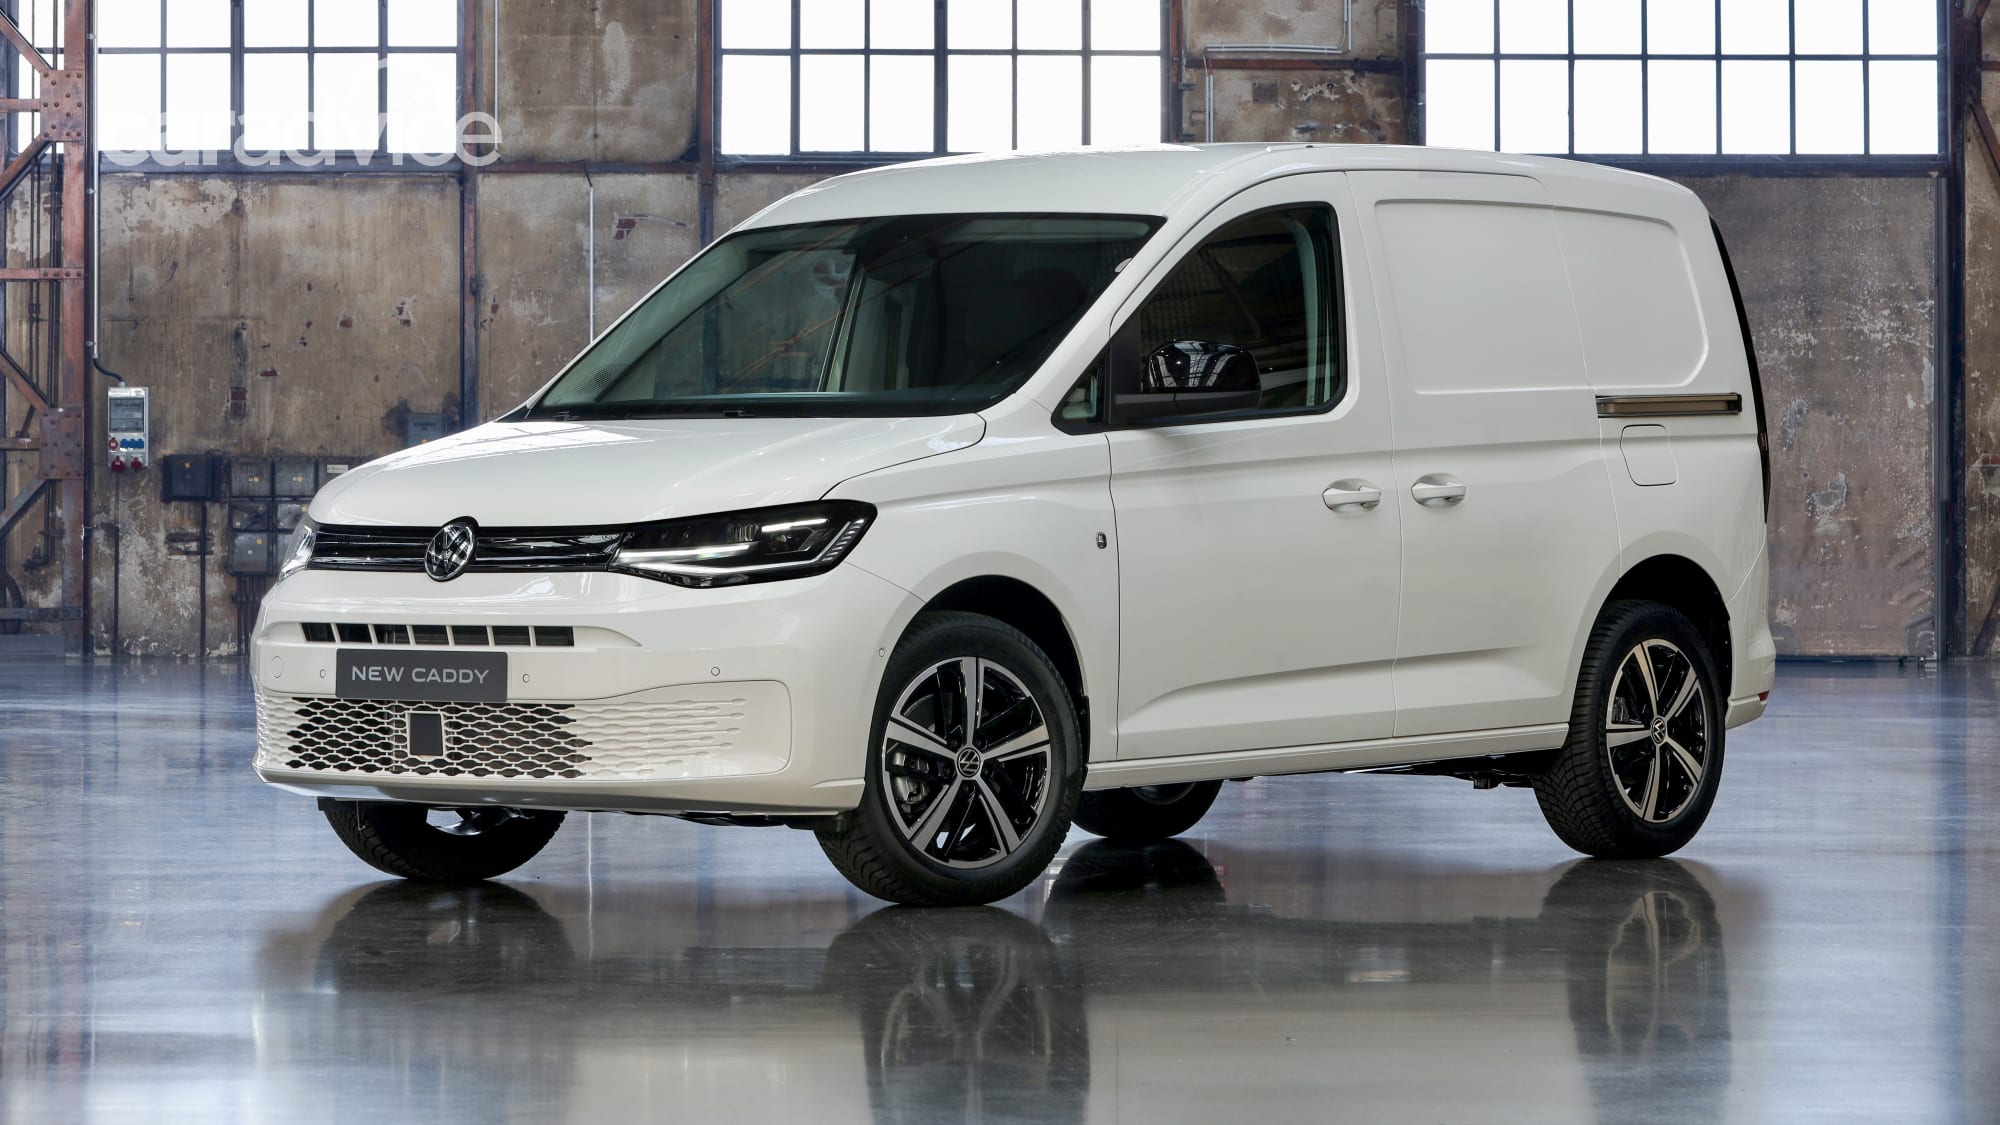 2021 Volkswagen Caddy launches in Europe, Australian ...